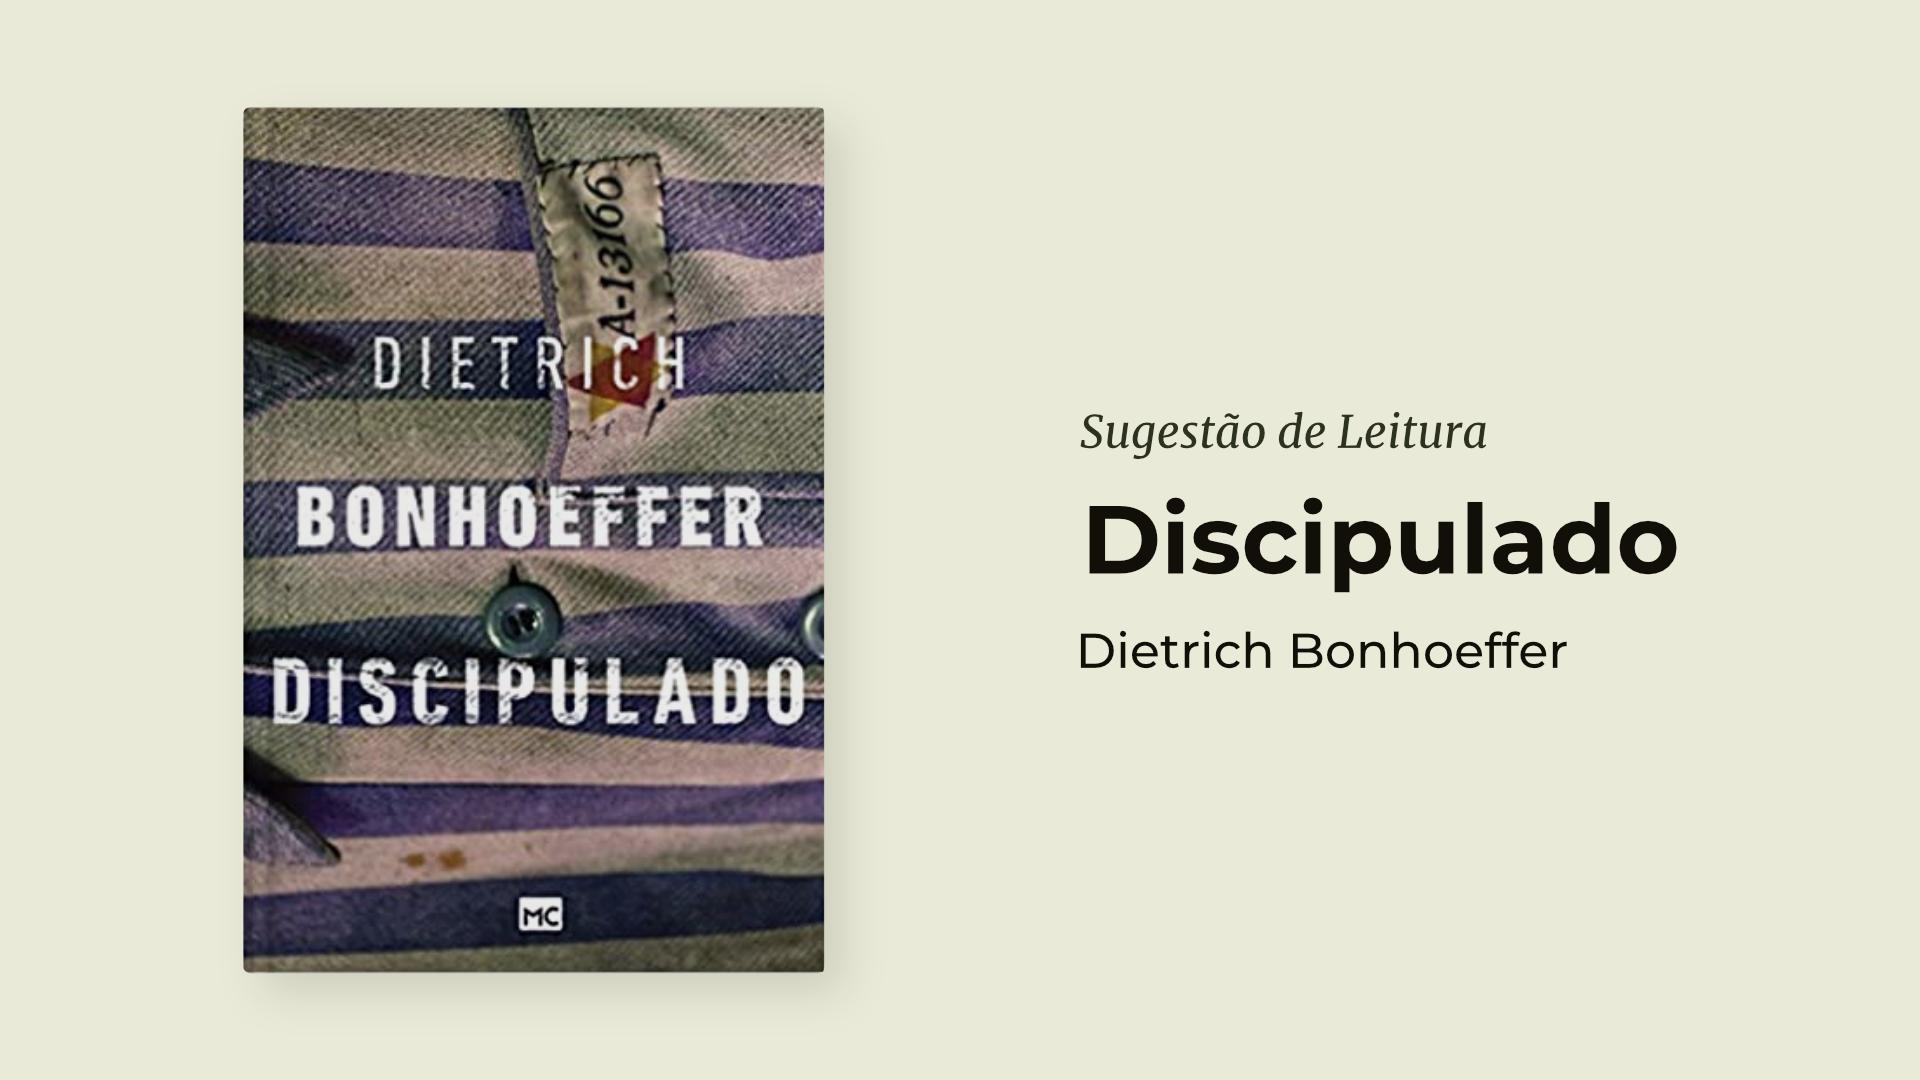 Sugestão de Leitura - Discipulado - Dietrich Bonhoeffer